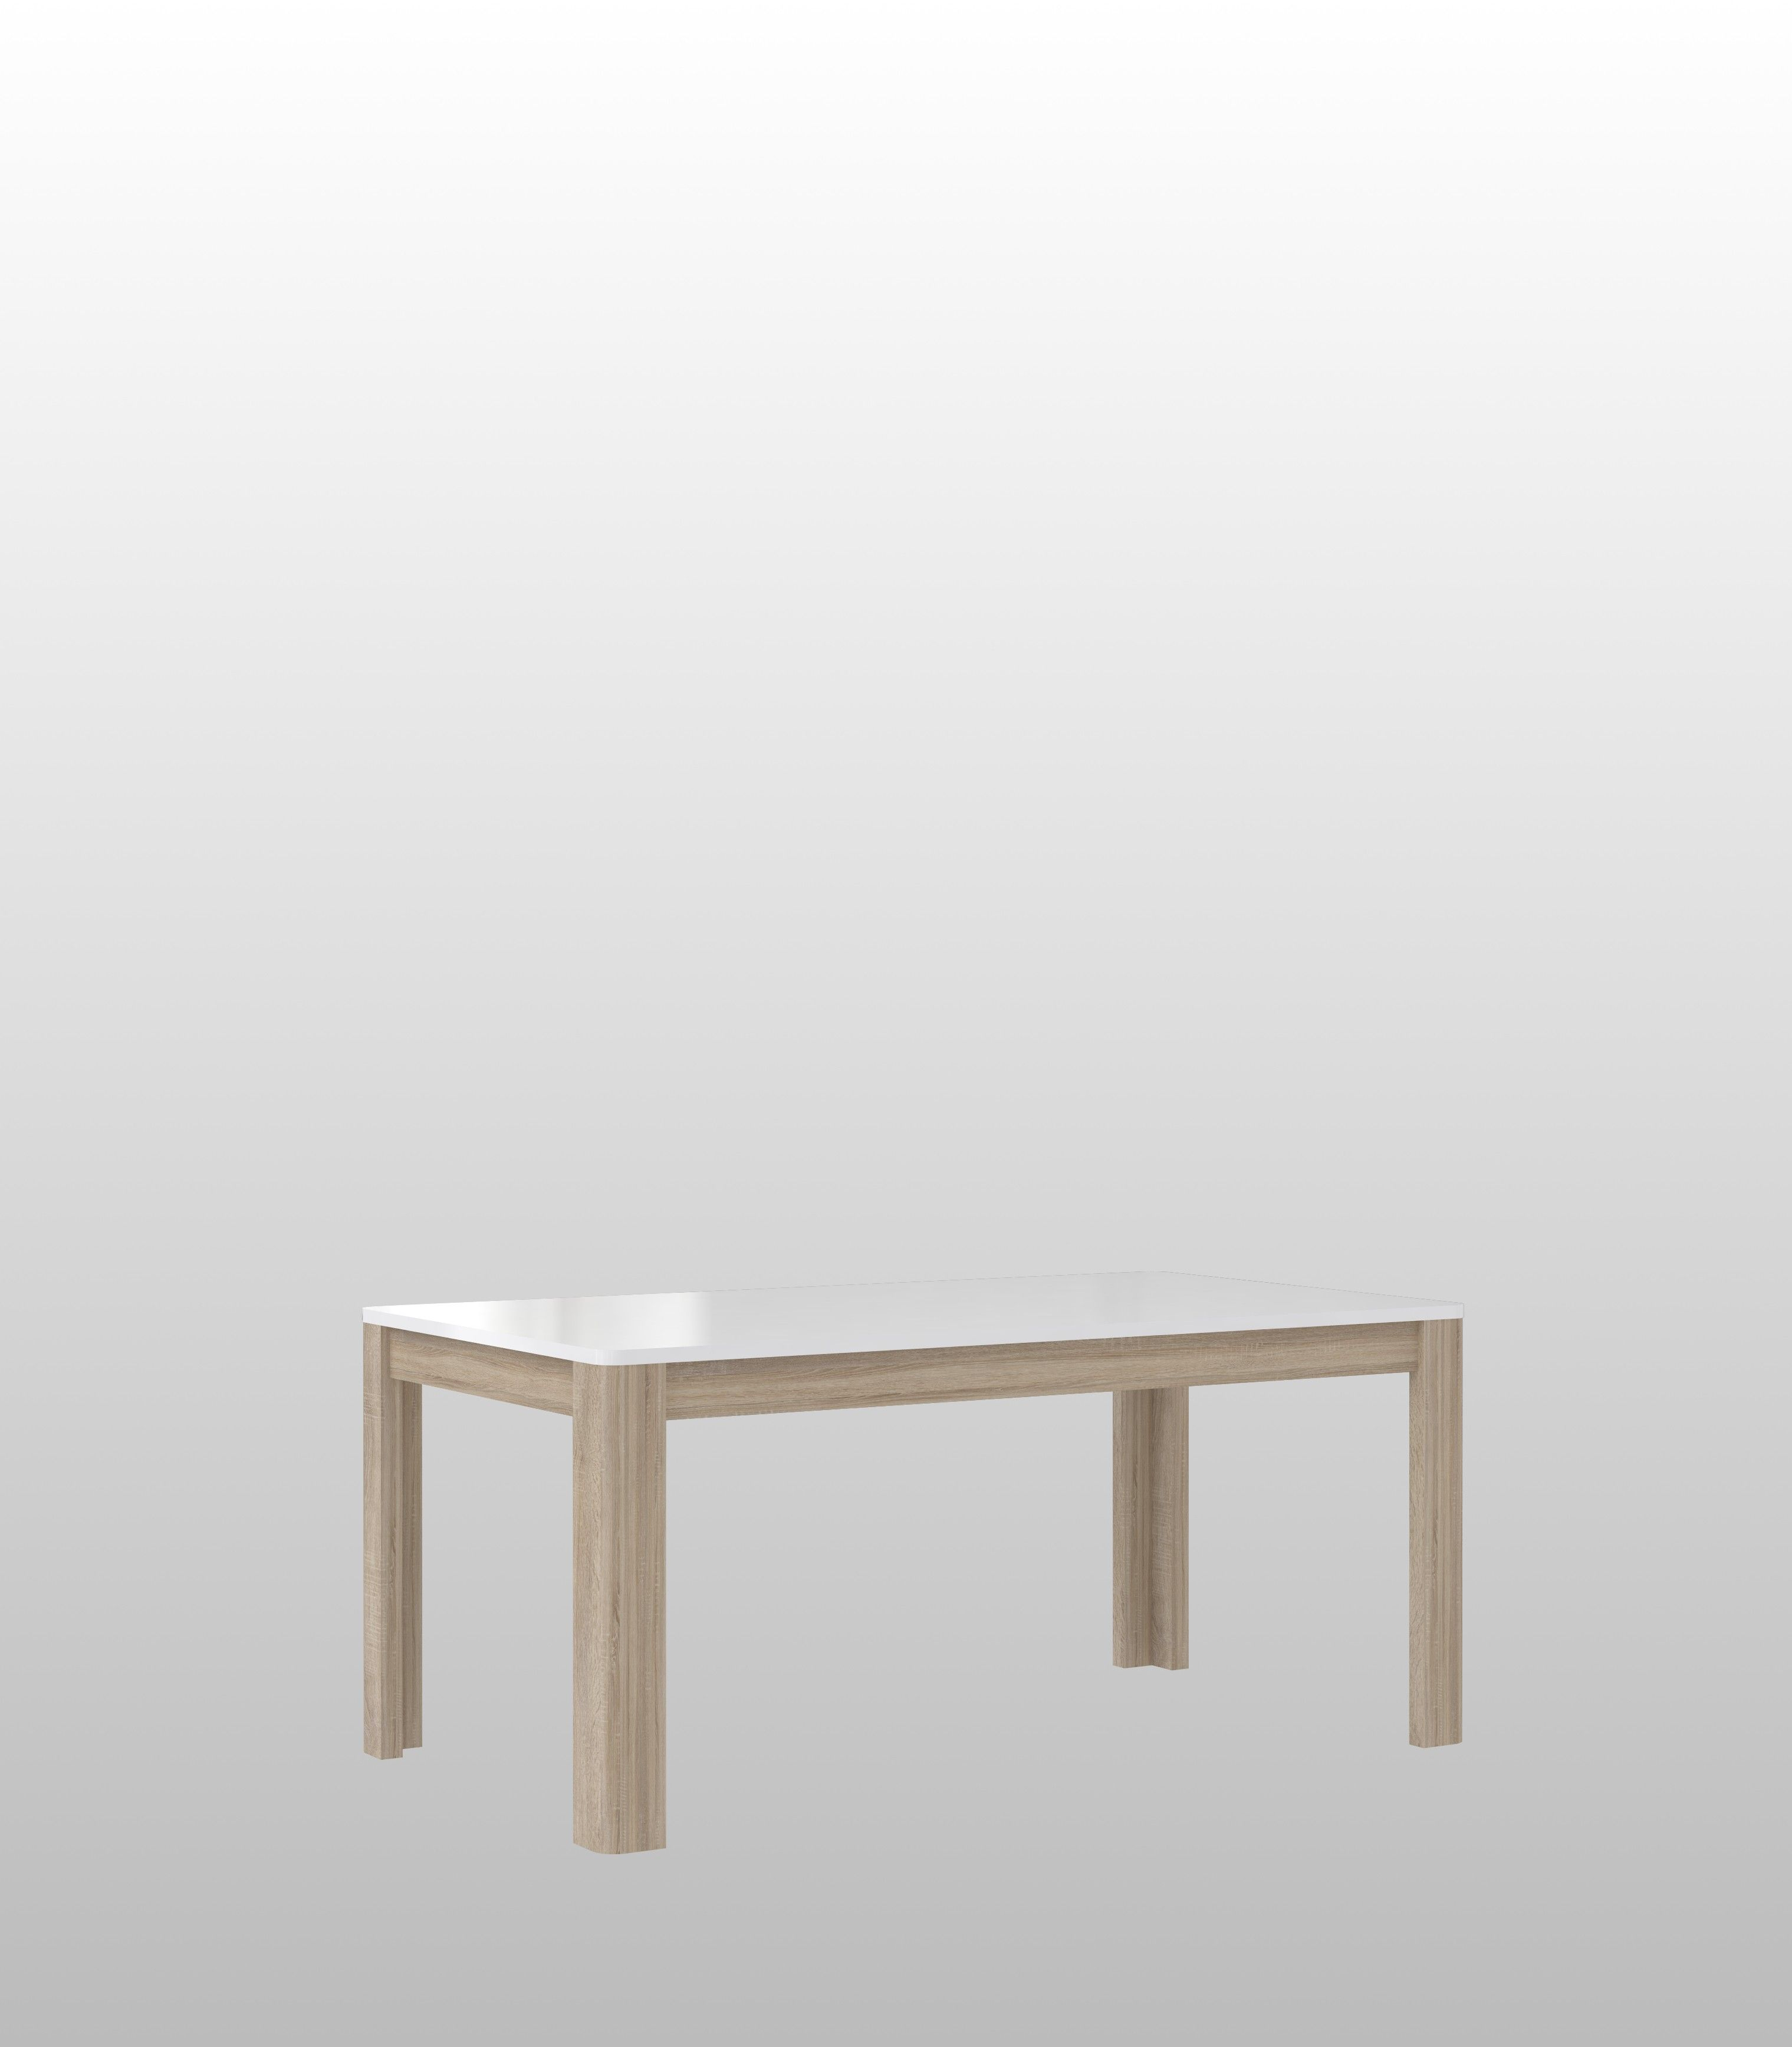 a90d38e6042cc414710dd0b095ef4373 Frais De Conforama Table Ronde Des Idées